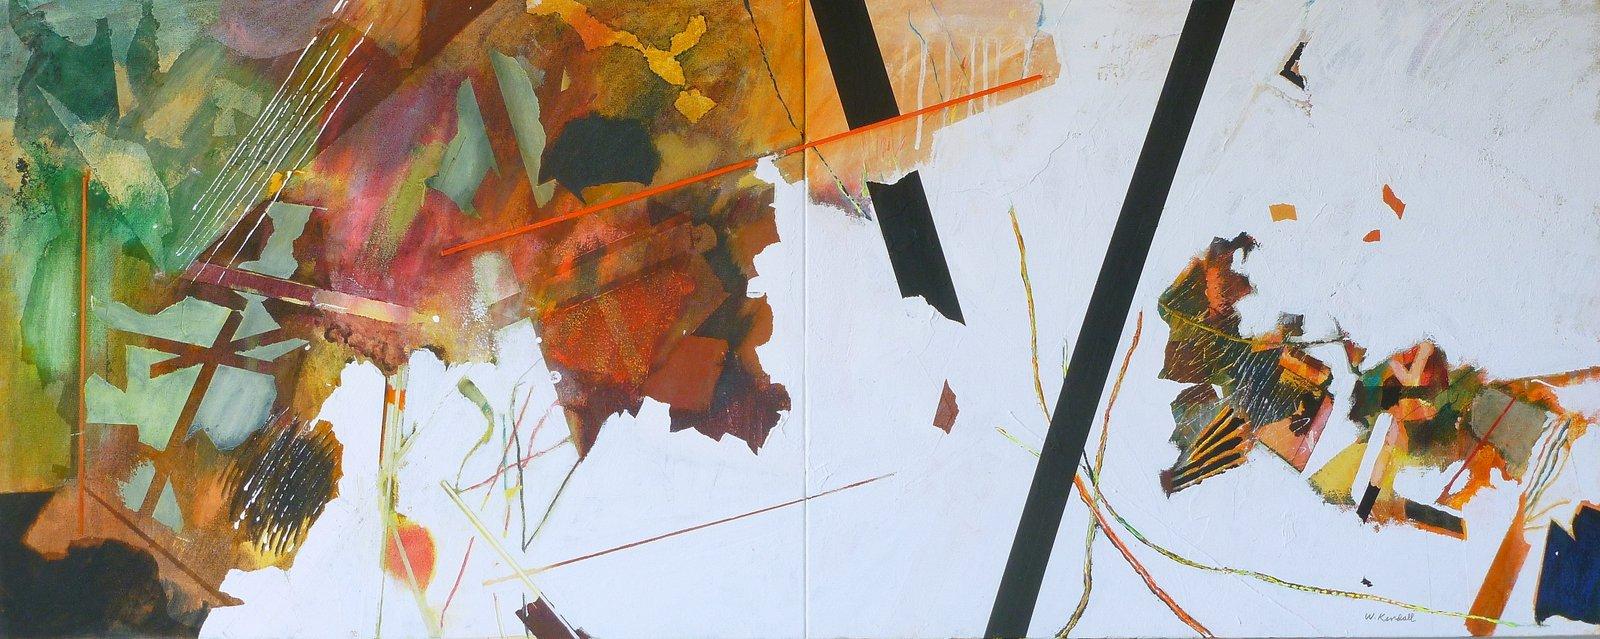 William Kendall_Fragments of Venice #2 von